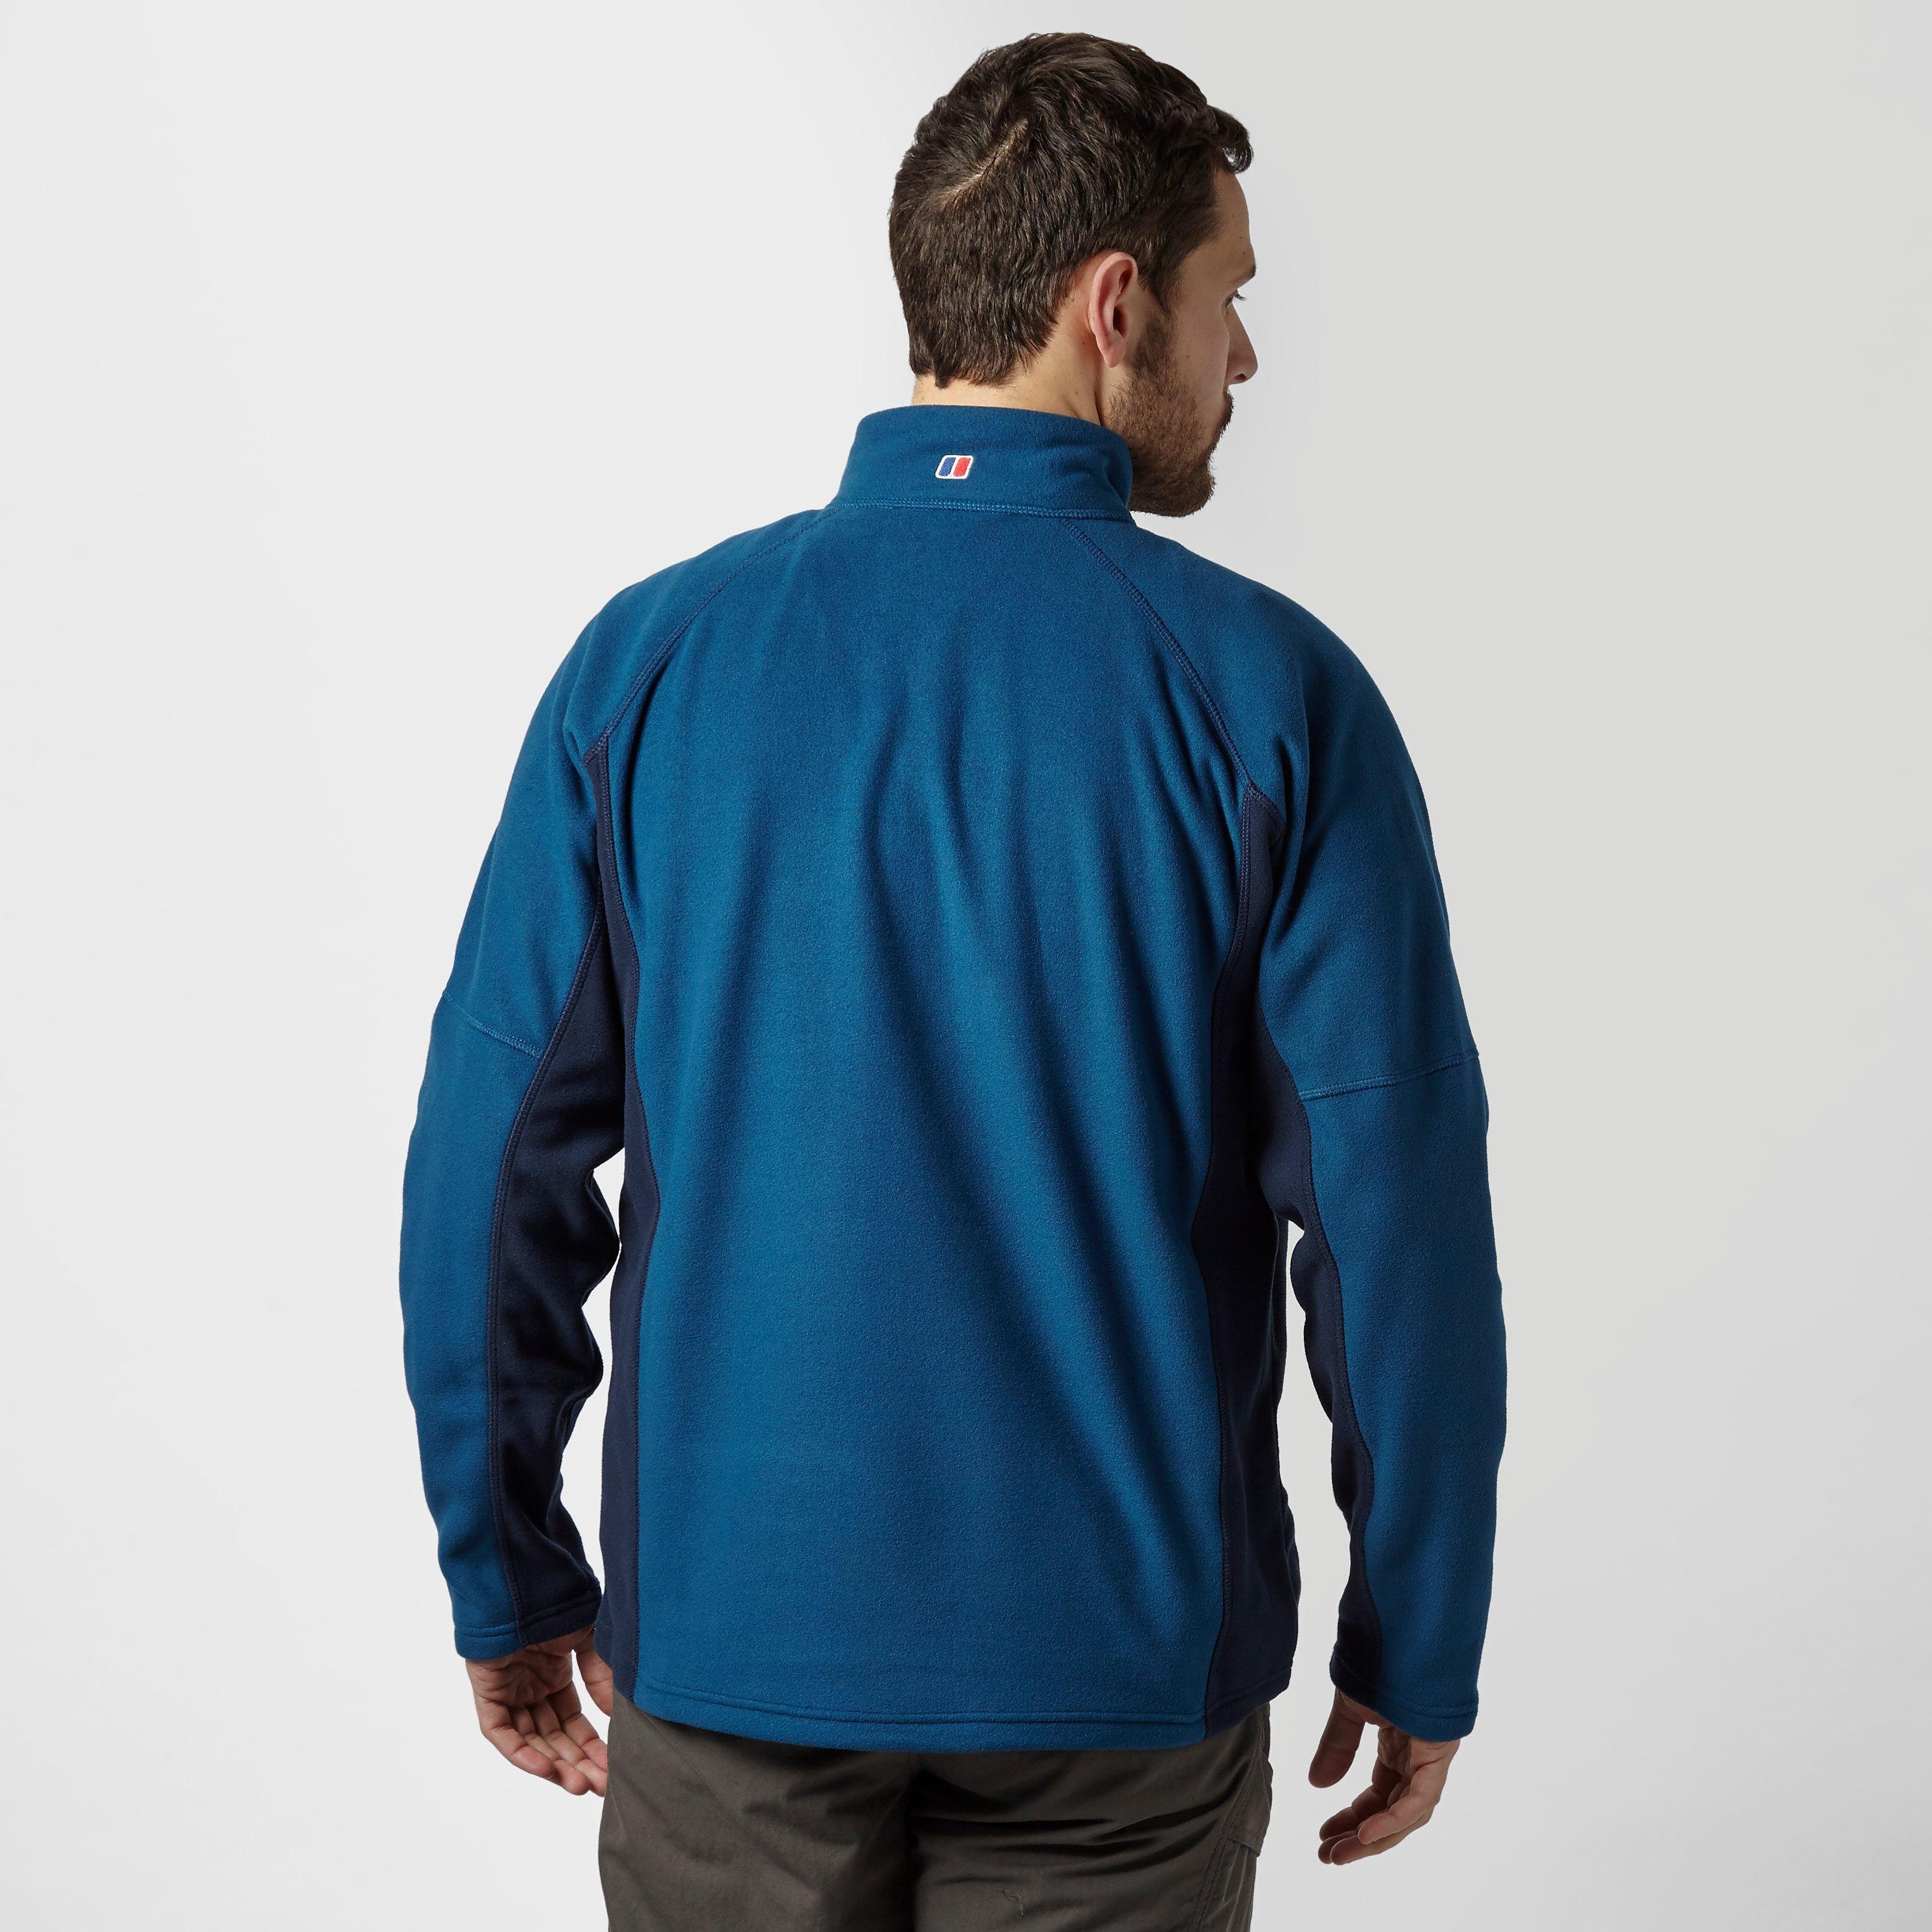 Berghaus Hartsop 1/2 Zip Men's Micro Fleece